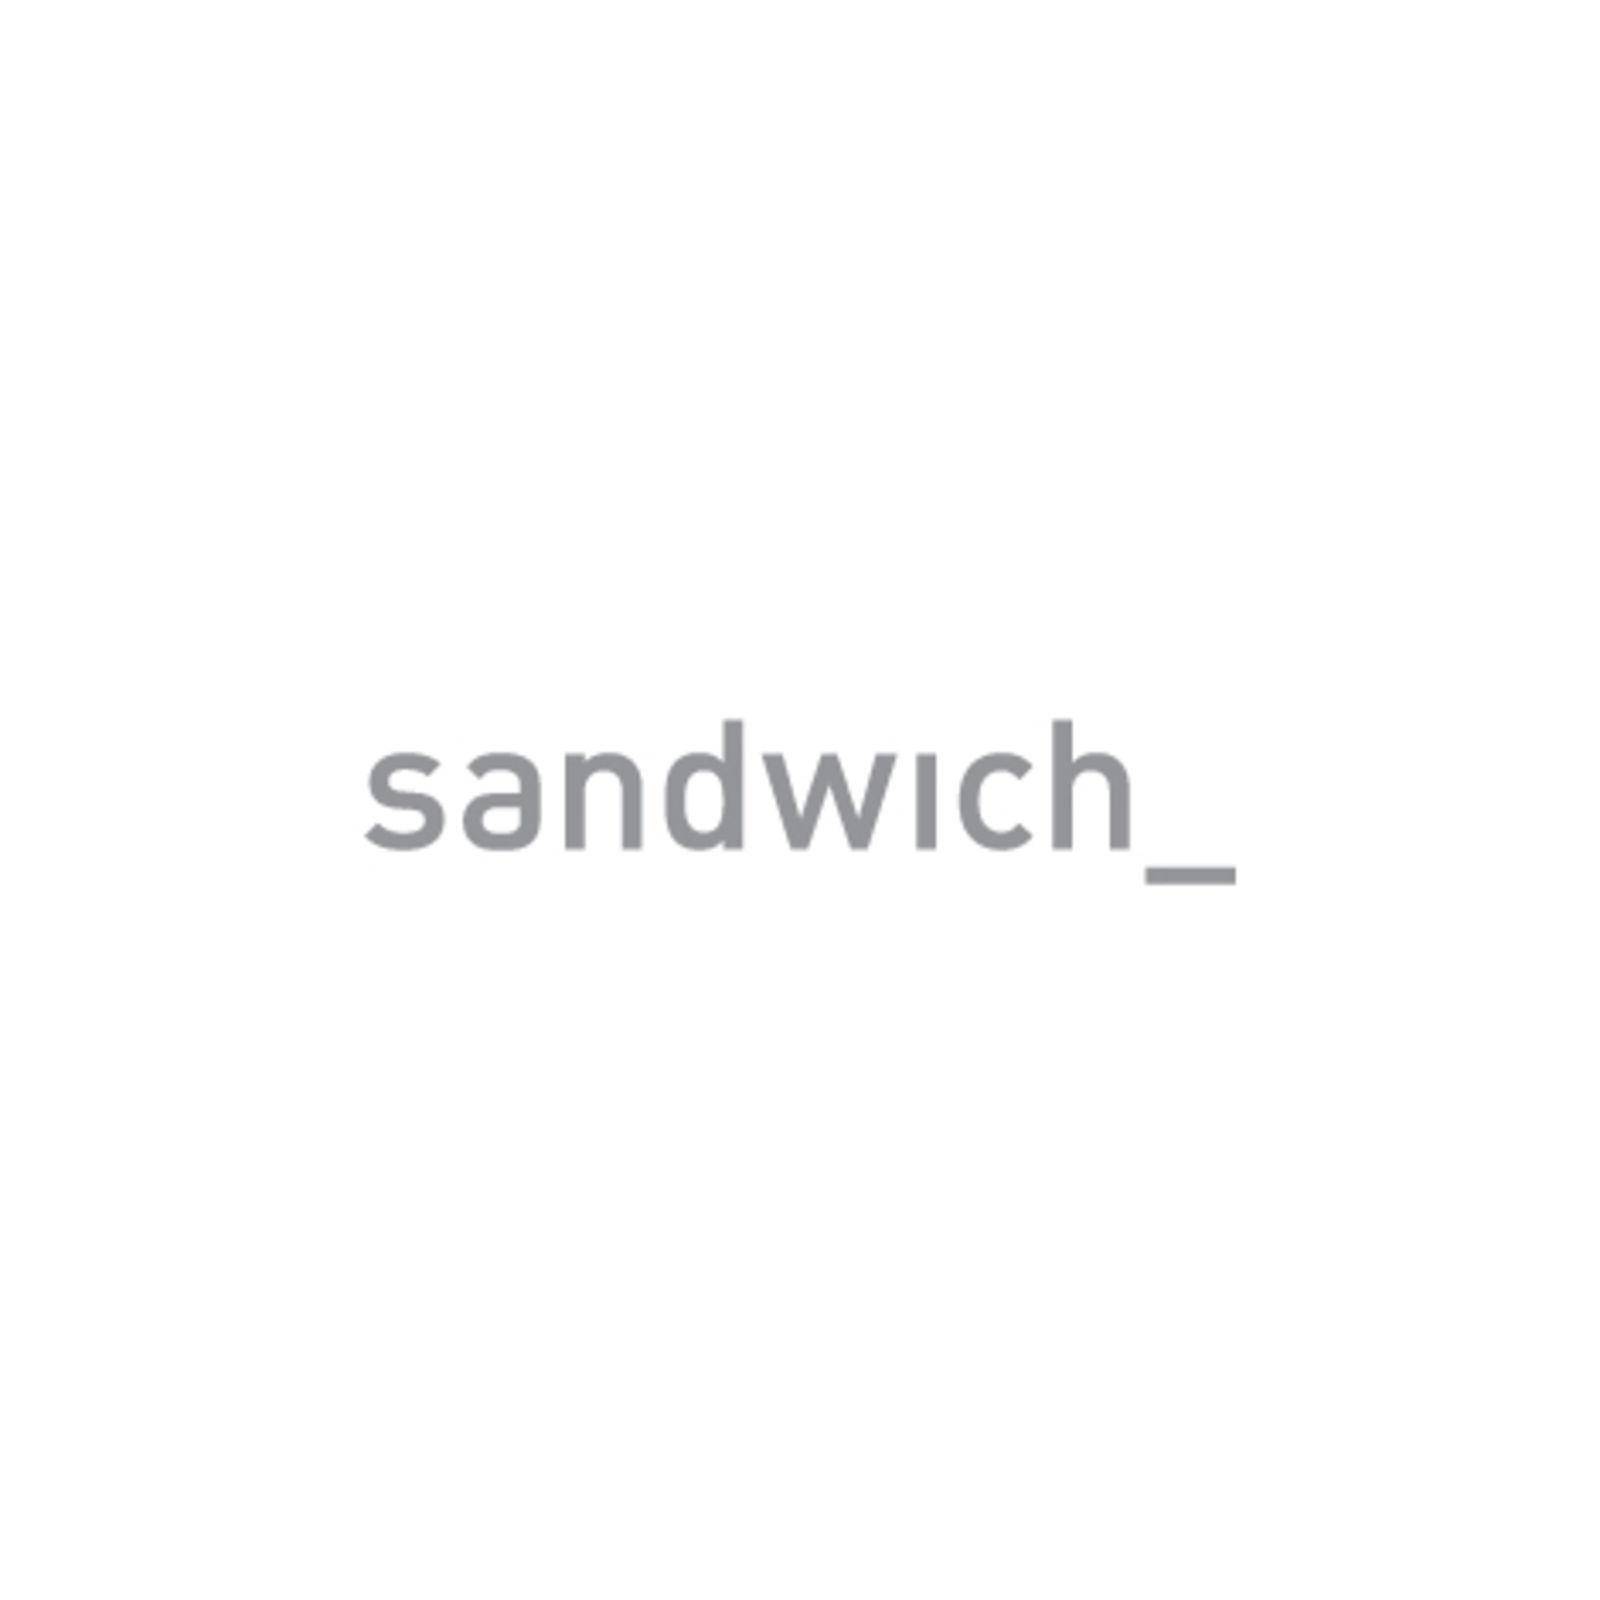 sandwich_ (Bild 1)